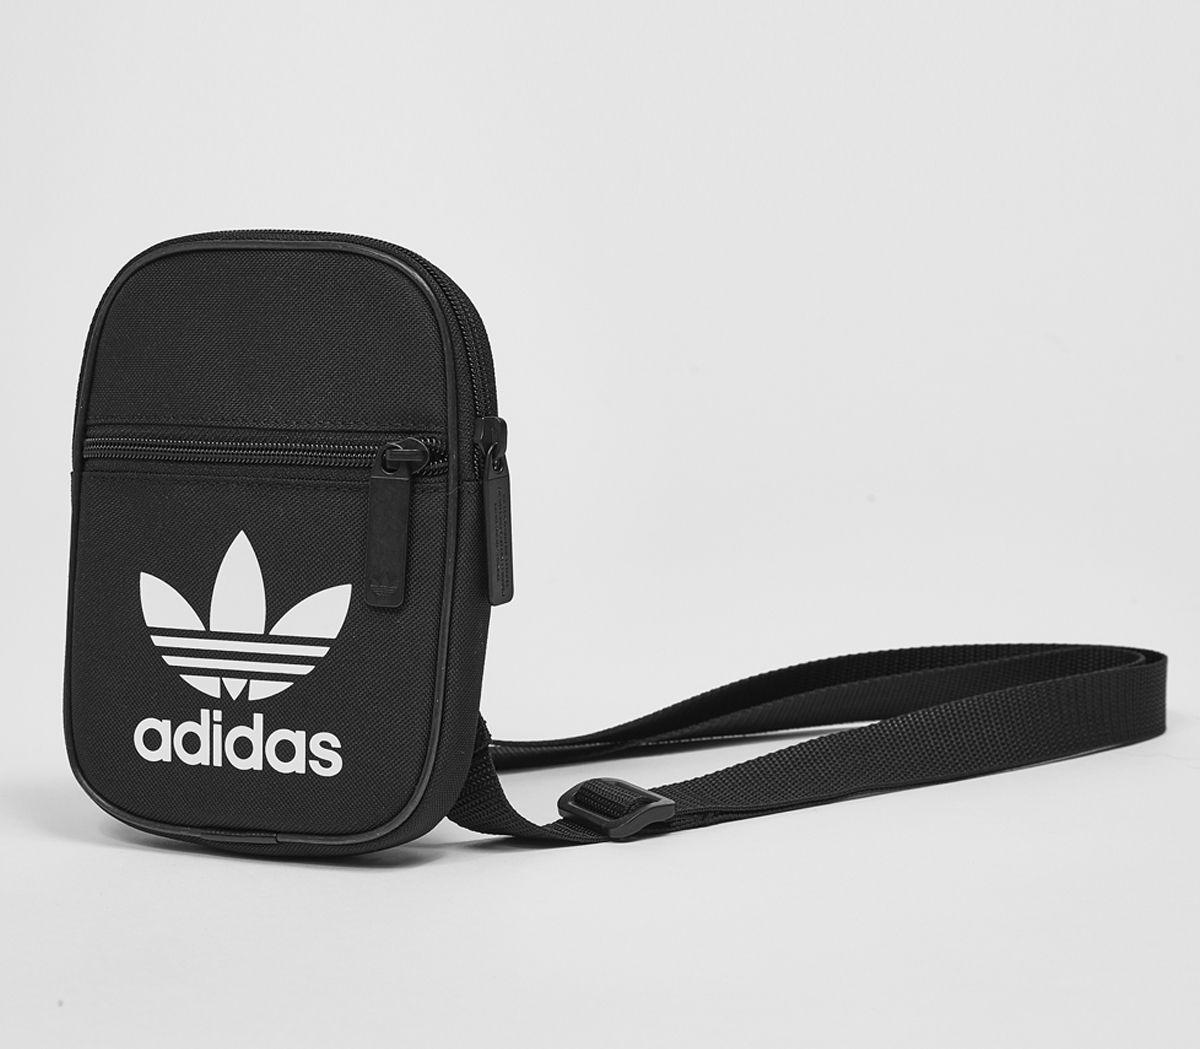 51f880635eb adidas Casual Festival Bag Black White - Accessories